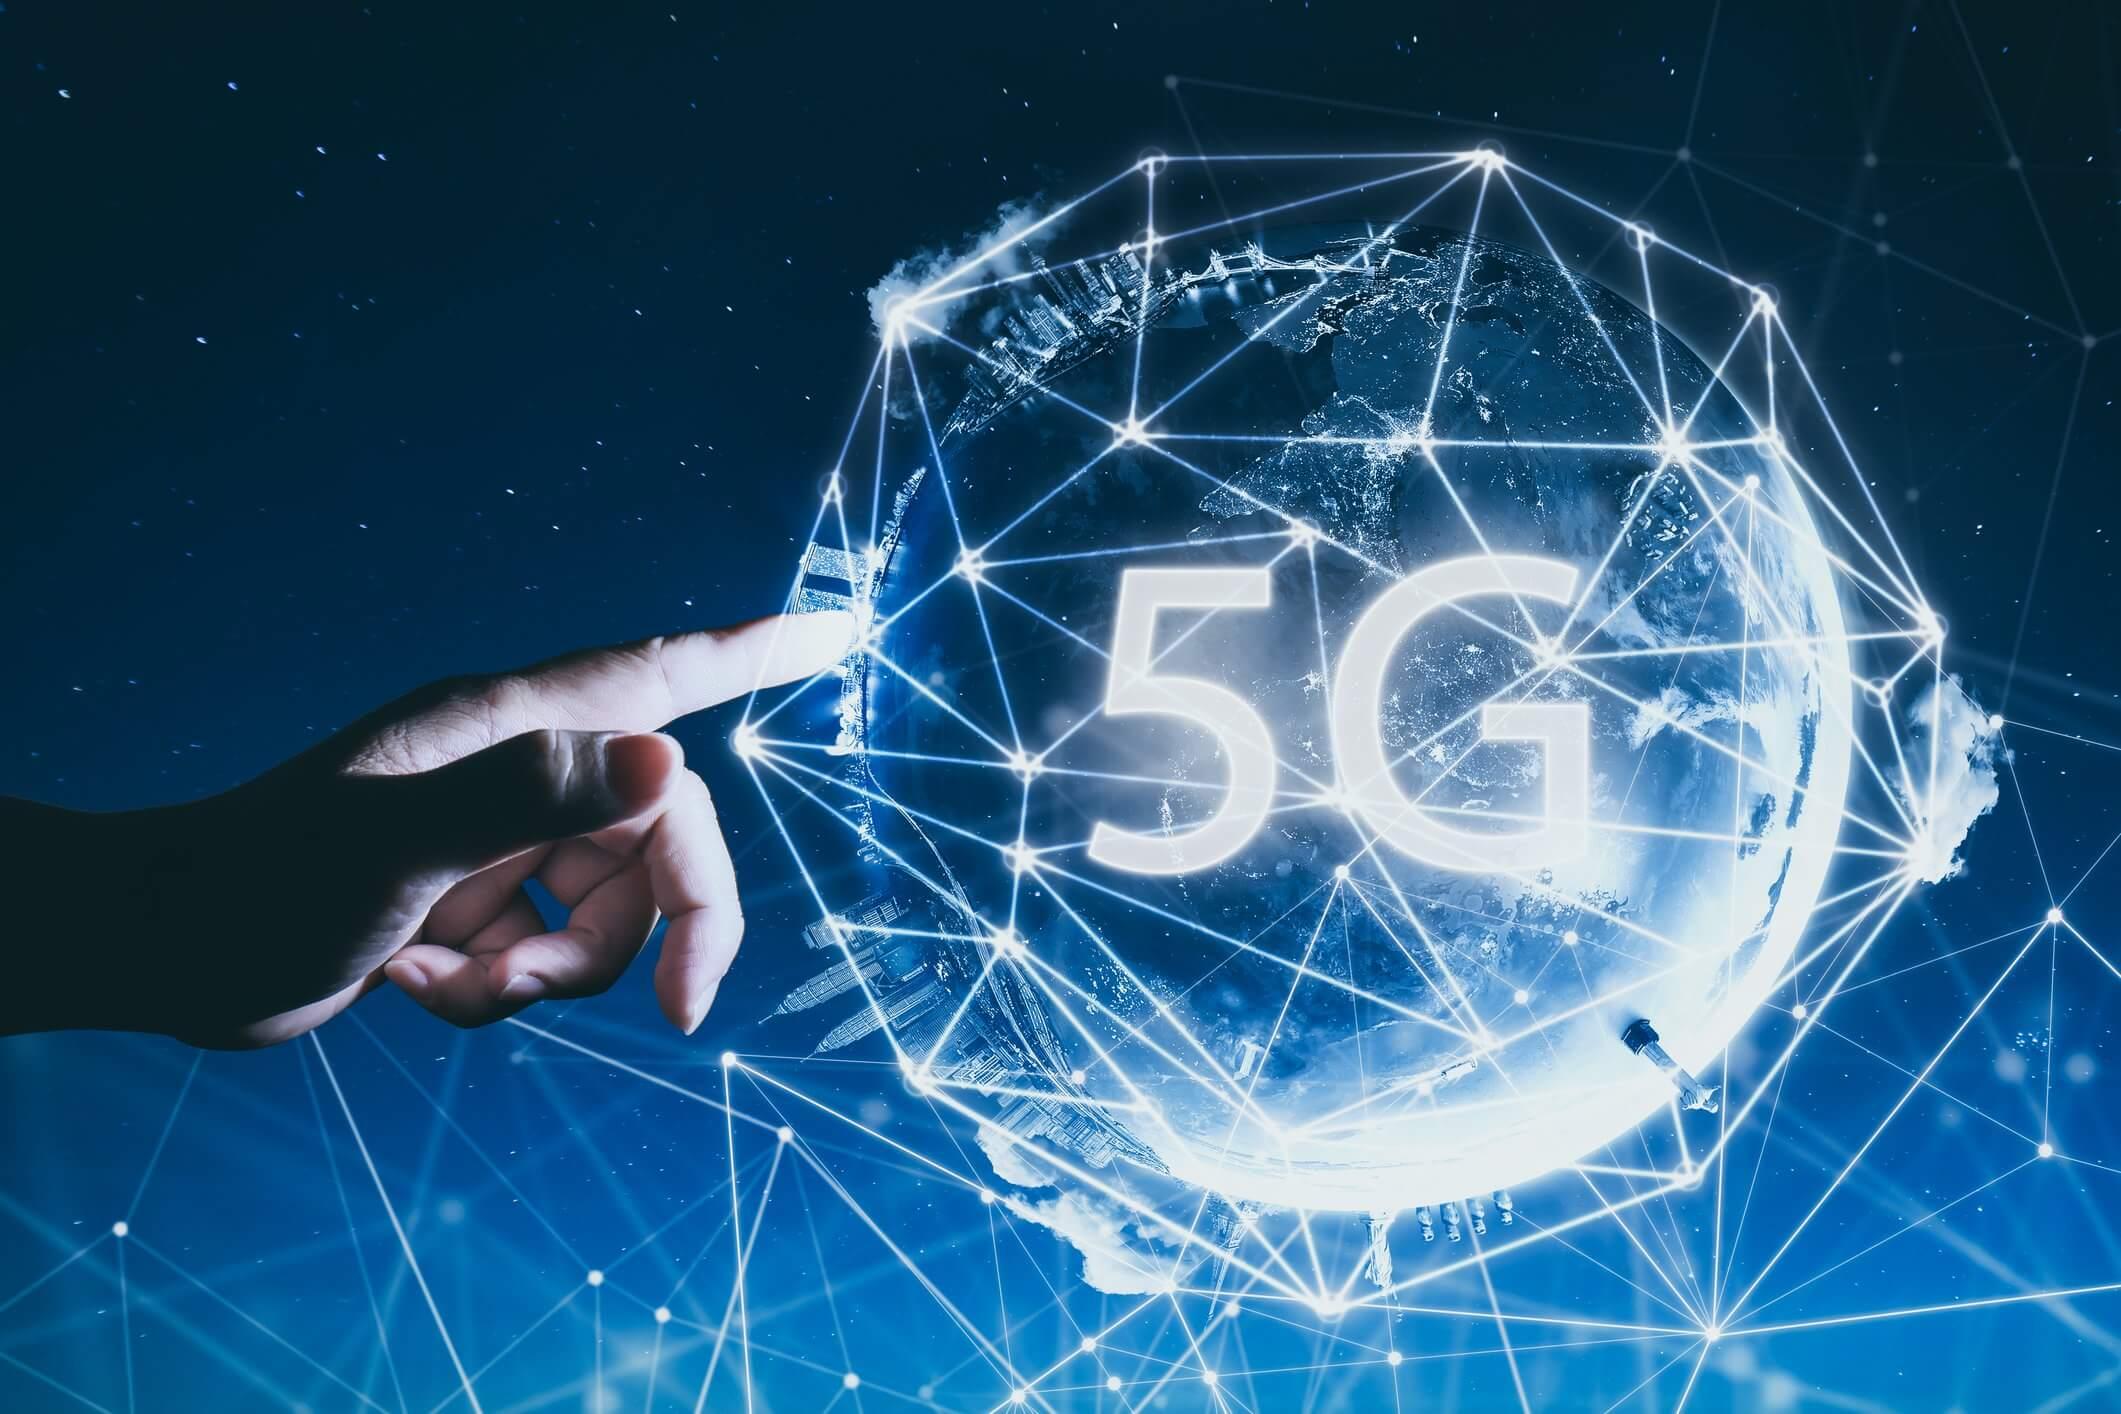 Vivo et Qualcomm ont réussi à implanter des antennes 5G dans un smartphone